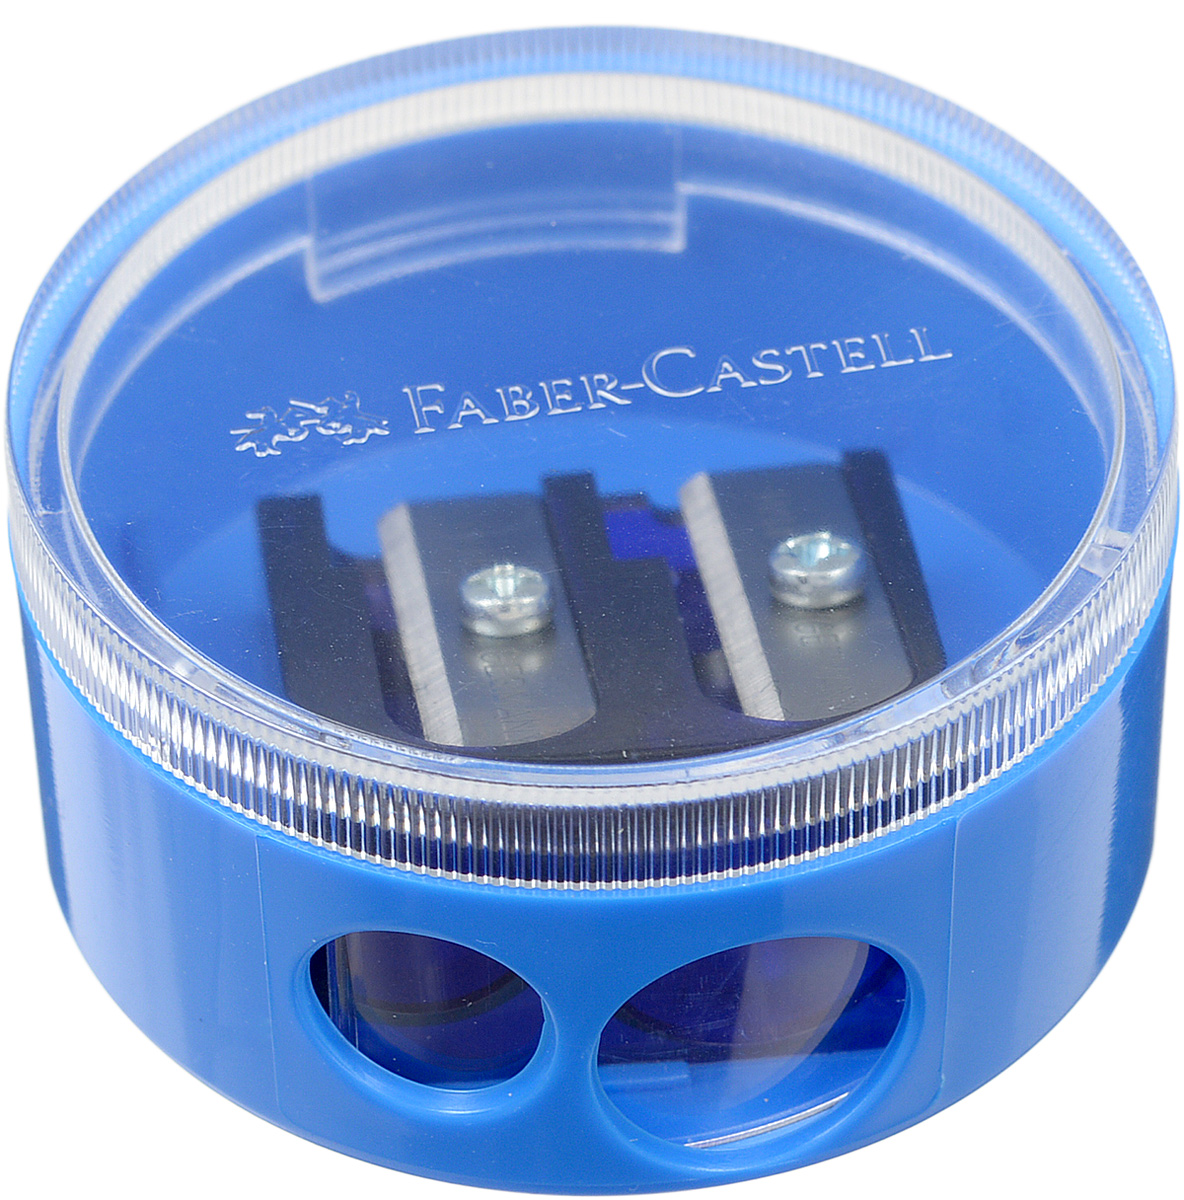 Faber-Castell Точилка двойная цвет голубой0703415Точилка с двумя отверстиями Faber-Castell предназначена для затачивания всех типов карандашей.Благодаря прозрачной крышке можно определить уровень заполнения и вовремя произвести очистку. Острые стальные лезвия обеспечивают высококачественную и точную заточку деревянных карандашей.